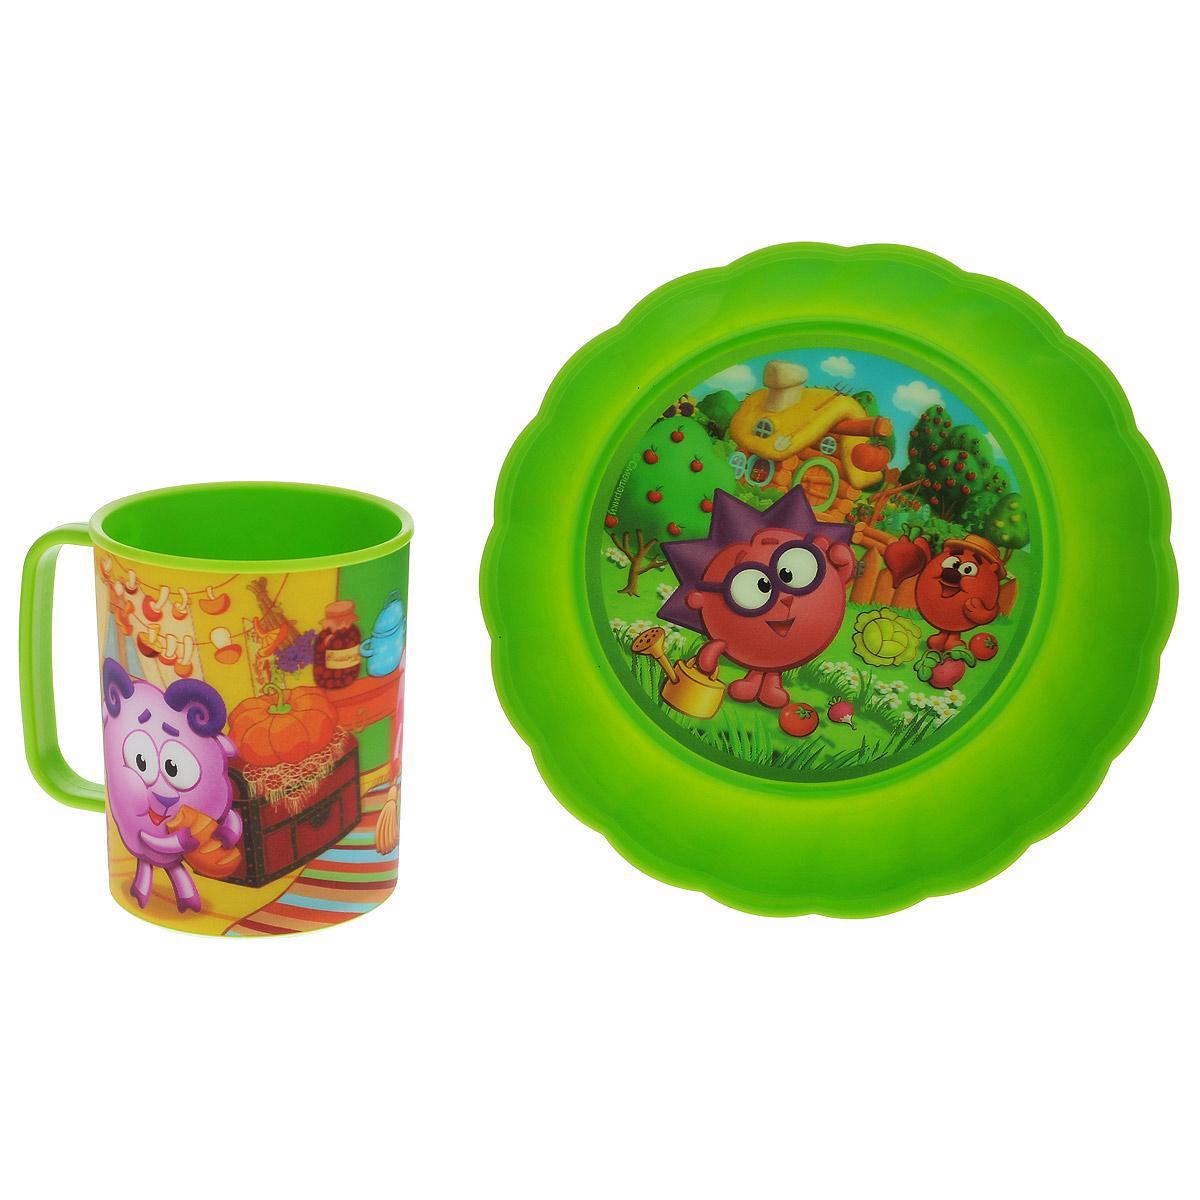 """Набор детской посуды """"Смешарики. Осень"""" состоит из кружки и тарелки. Посуда, выполненная из пищевого пластика, оформлена изображениями героев популярного мультфильма """"Смешарики"""". Рисунки находятся под слоем прозрачного структурного пластика (линзы), создающего эффект объемного изображения, как в 3D кино, и исключающего попадание краски в жидкость. Небьющаяся посуда, красивая, легкая и удобная в уходе, прекрасно выдерживает горячую пищу. Ваш малыш с удовольствием будет кушать вместе с любимыми героями. Объем кружки: 325 мл. Диаметр тарелки: 17,5 см. Высота тарелки: 4 см."""